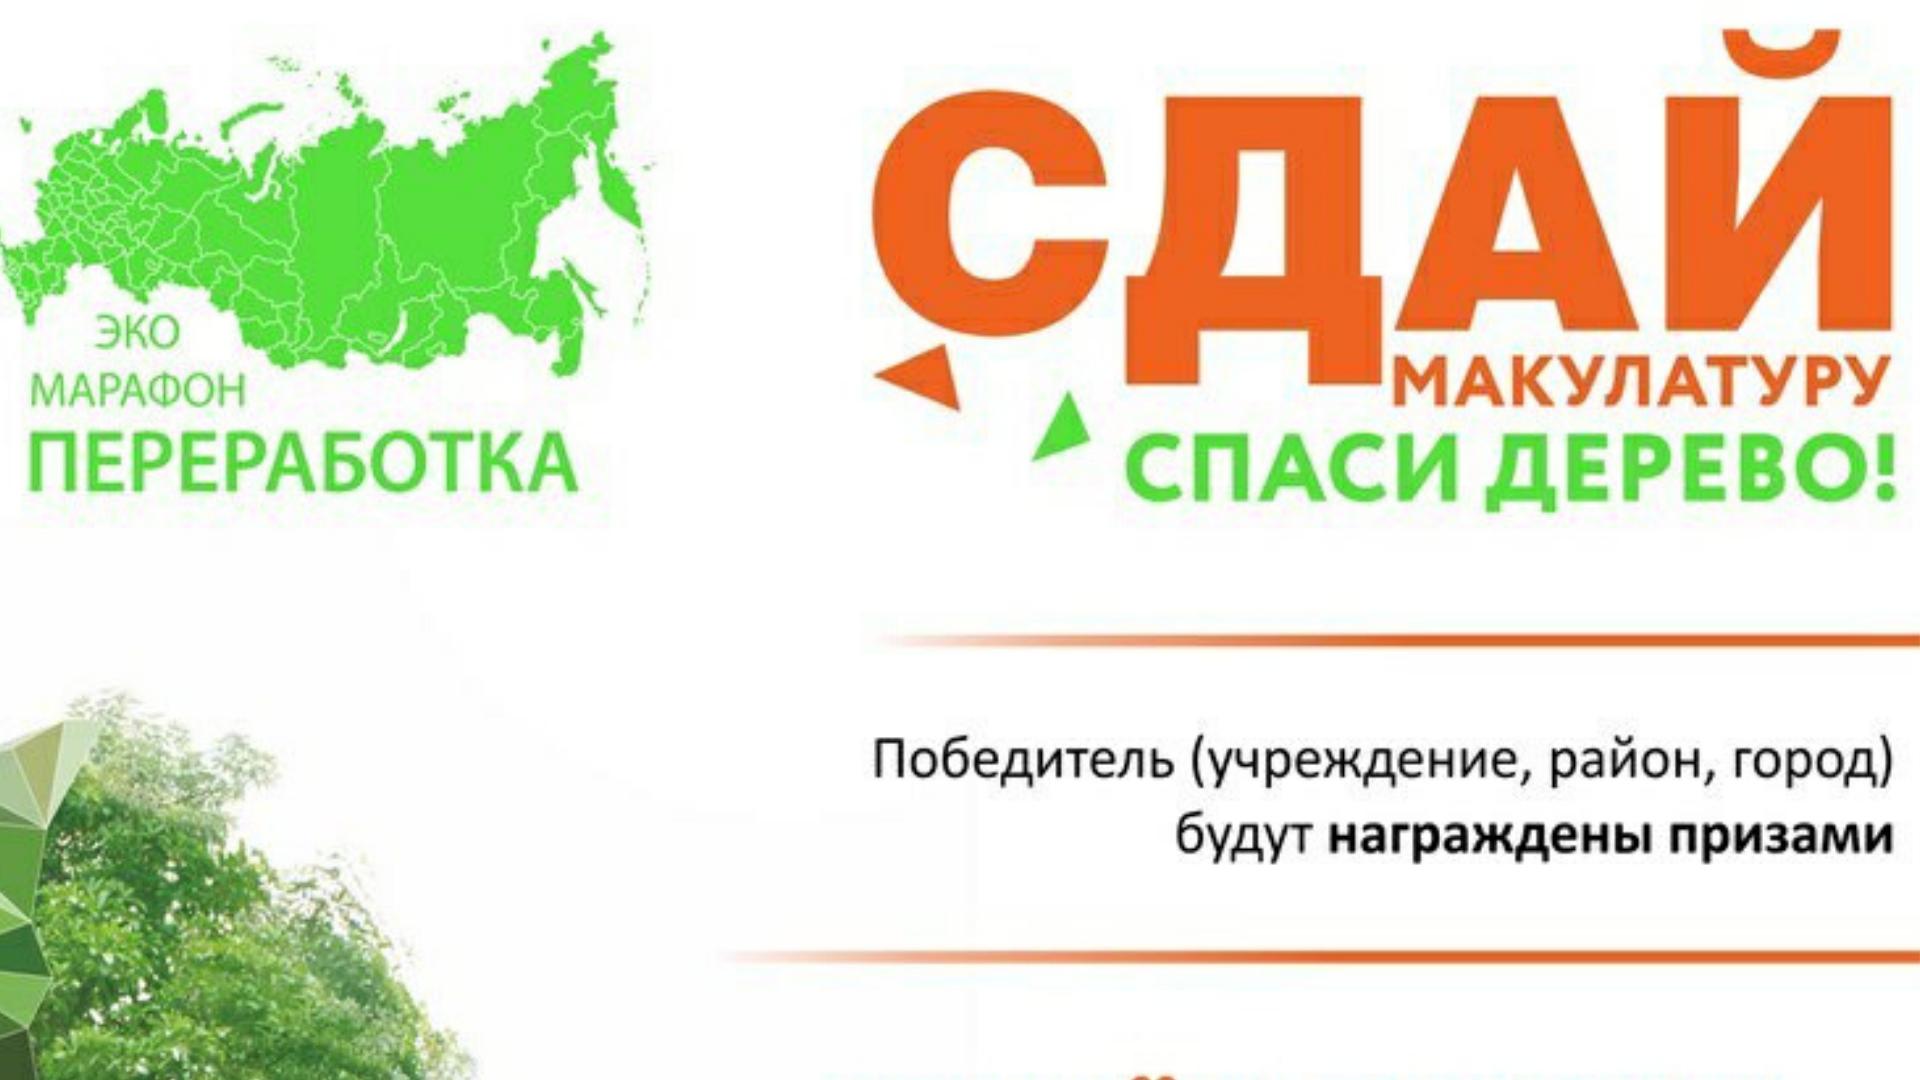 ЭКО-МАРАФОН ПЕРЕРАБОТКА